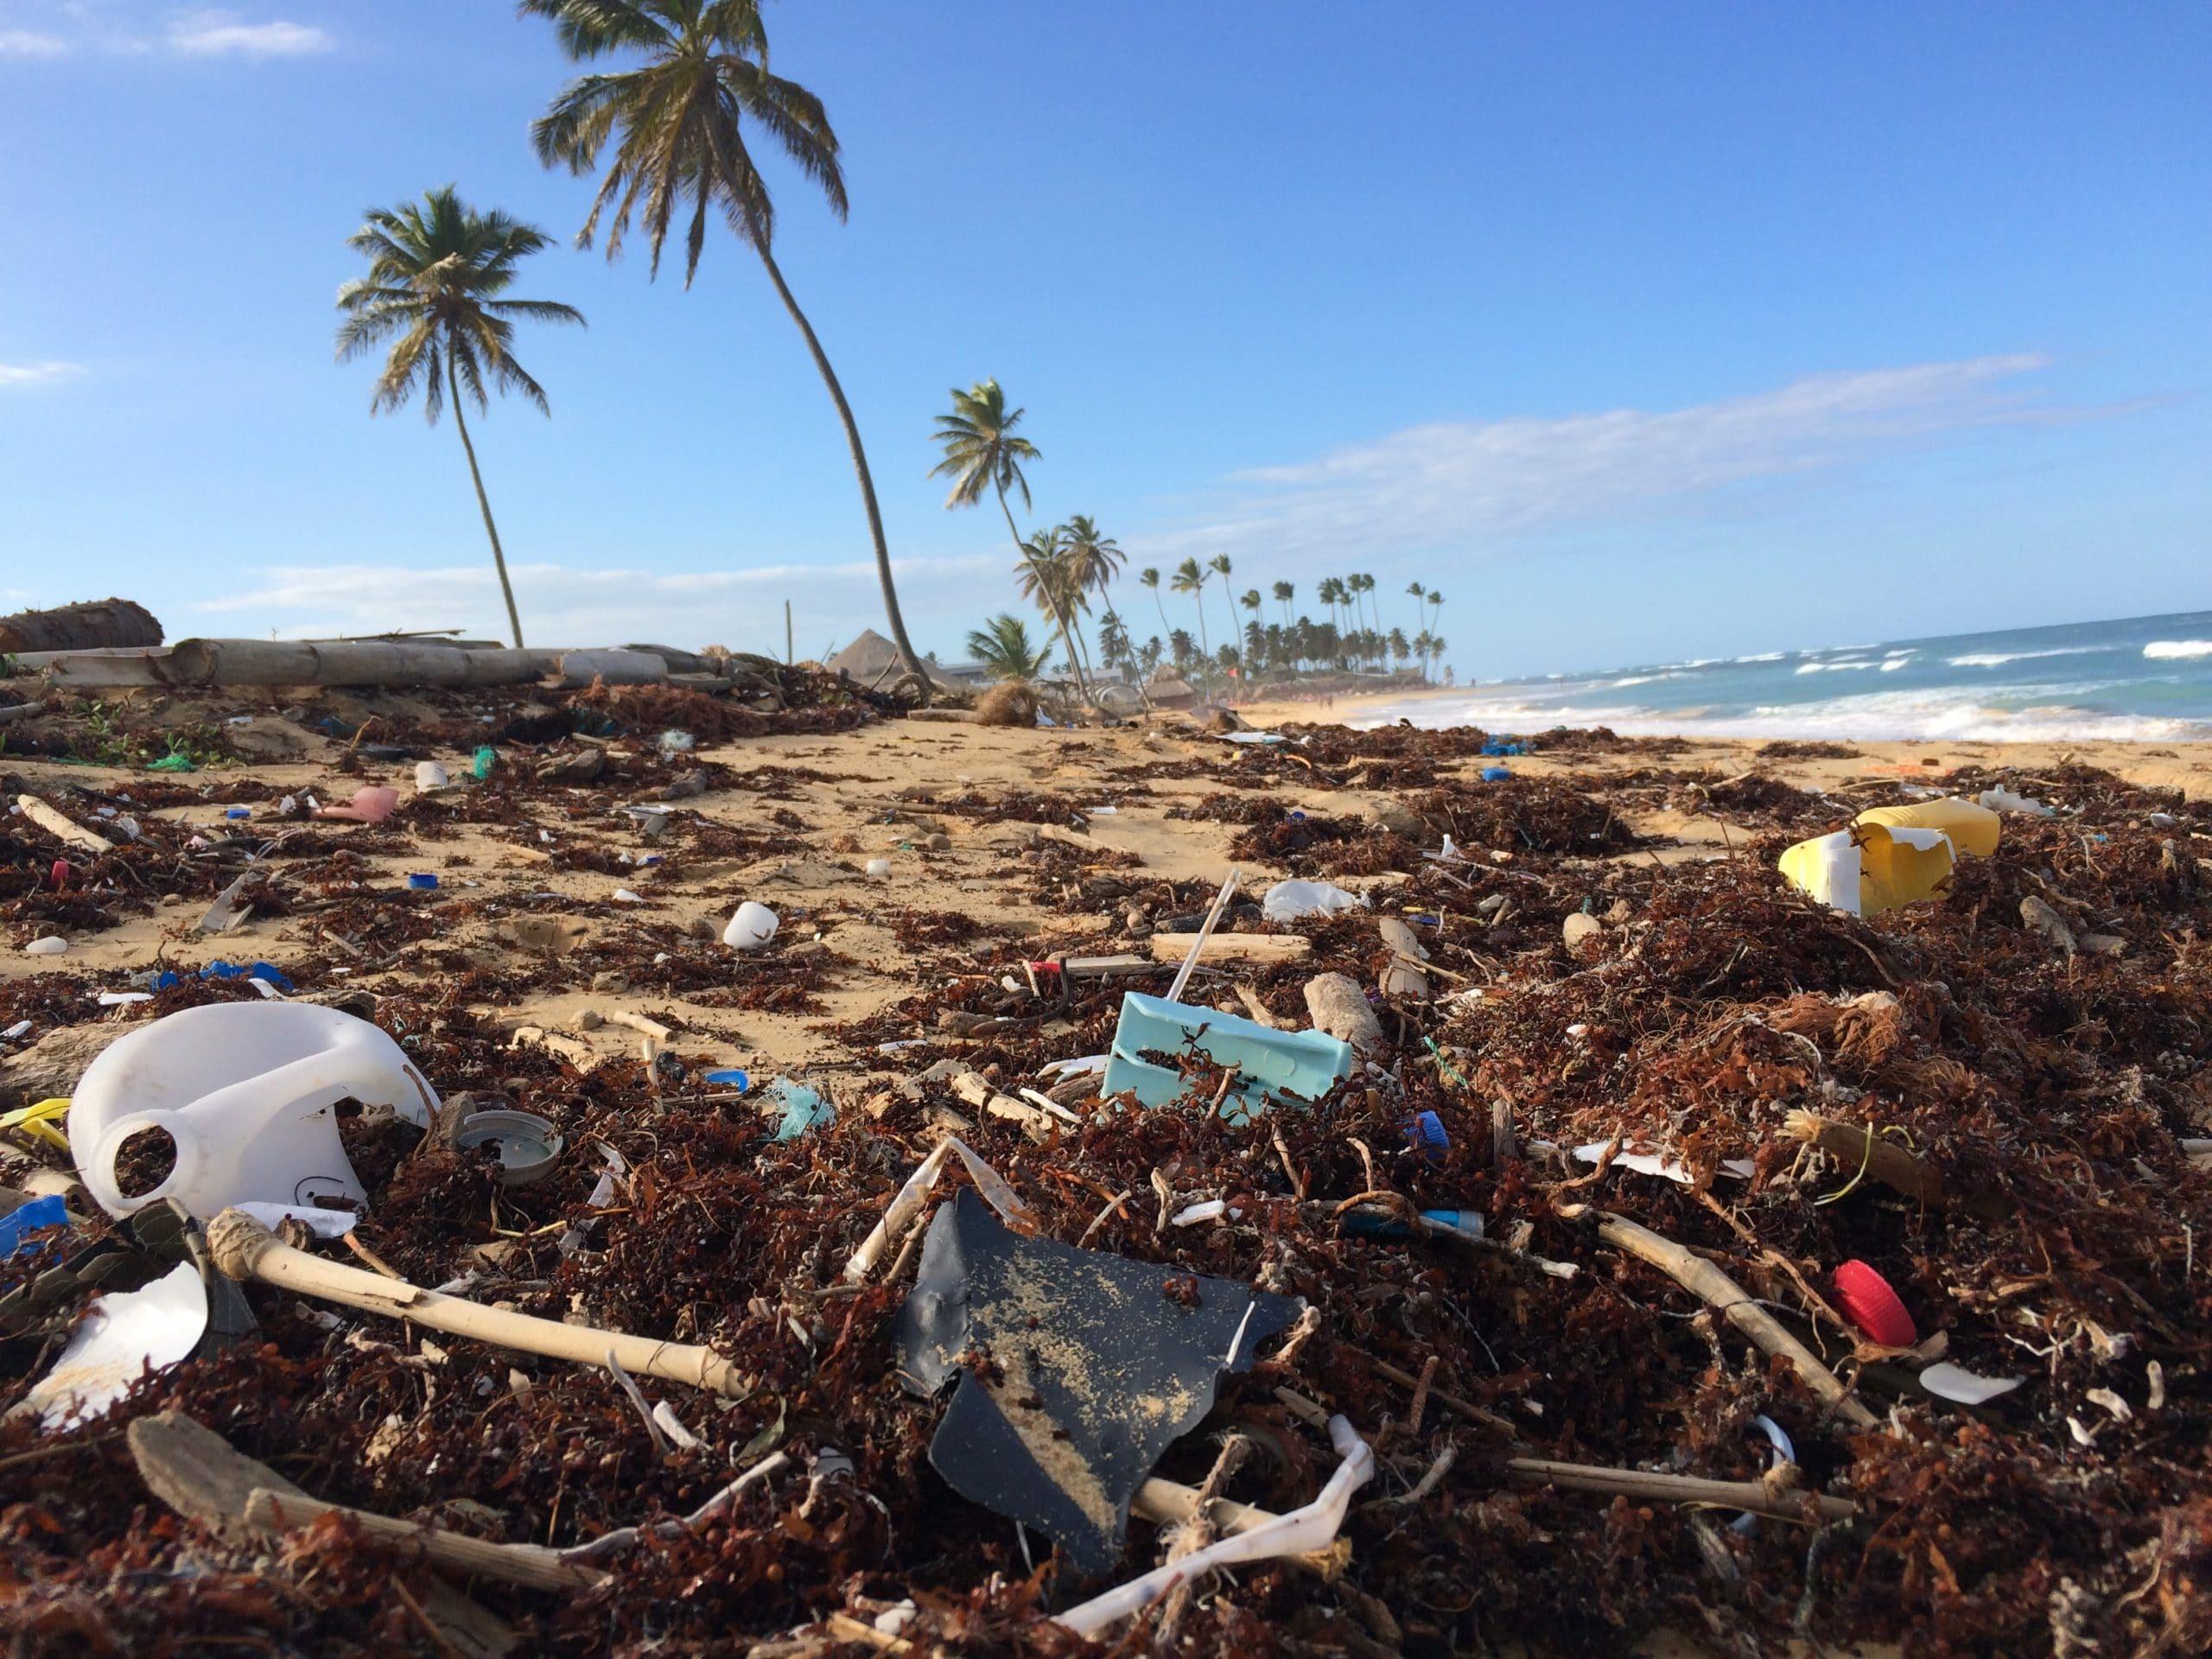 Müll am Strand im Hintergrund Palmen